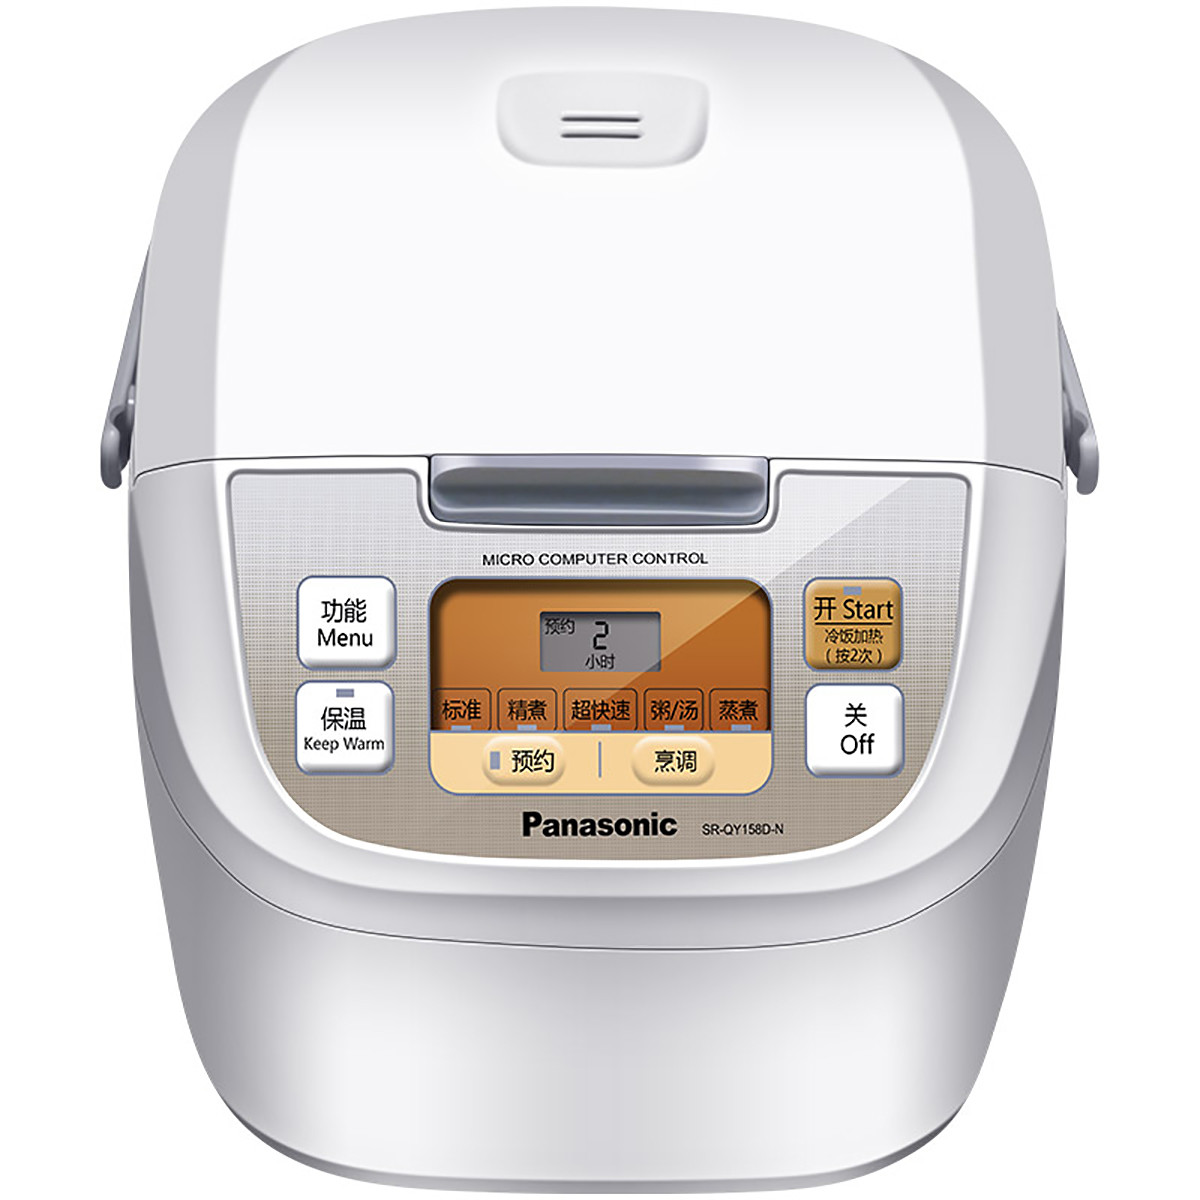 松下 SR-QY158D-N智能电饭煲家用微电脑电饭锅2-6人【HC】